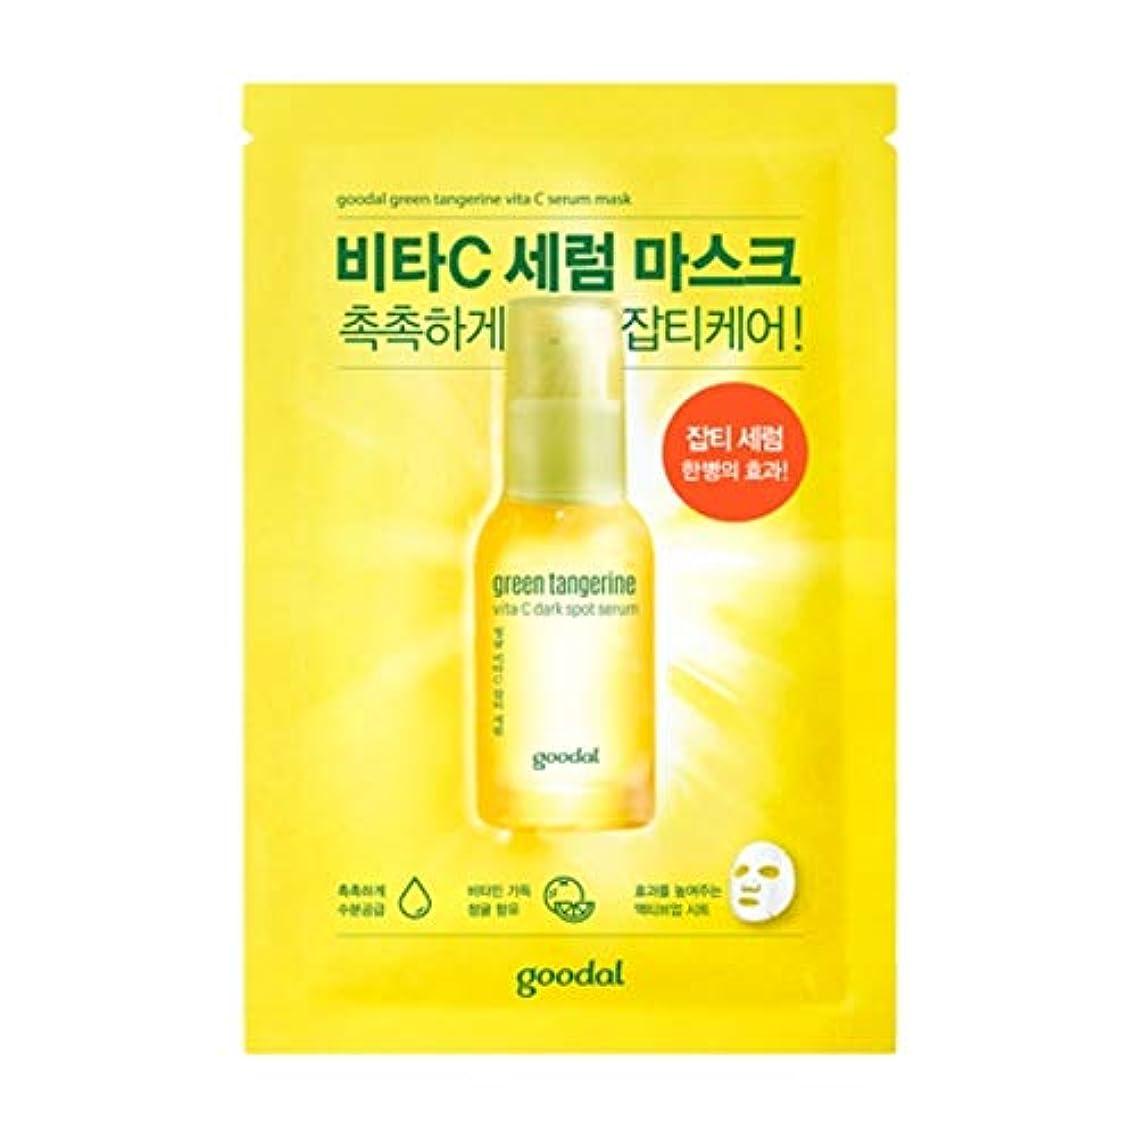 ナイトスポット非効率的な消えるGoodal Green Tangerine Vita C Dark Spot Serum Sheet mask チョンギュル、ビタC汚れセラムシートマスク (1 Sheet (1シート)) [並行輸入品]